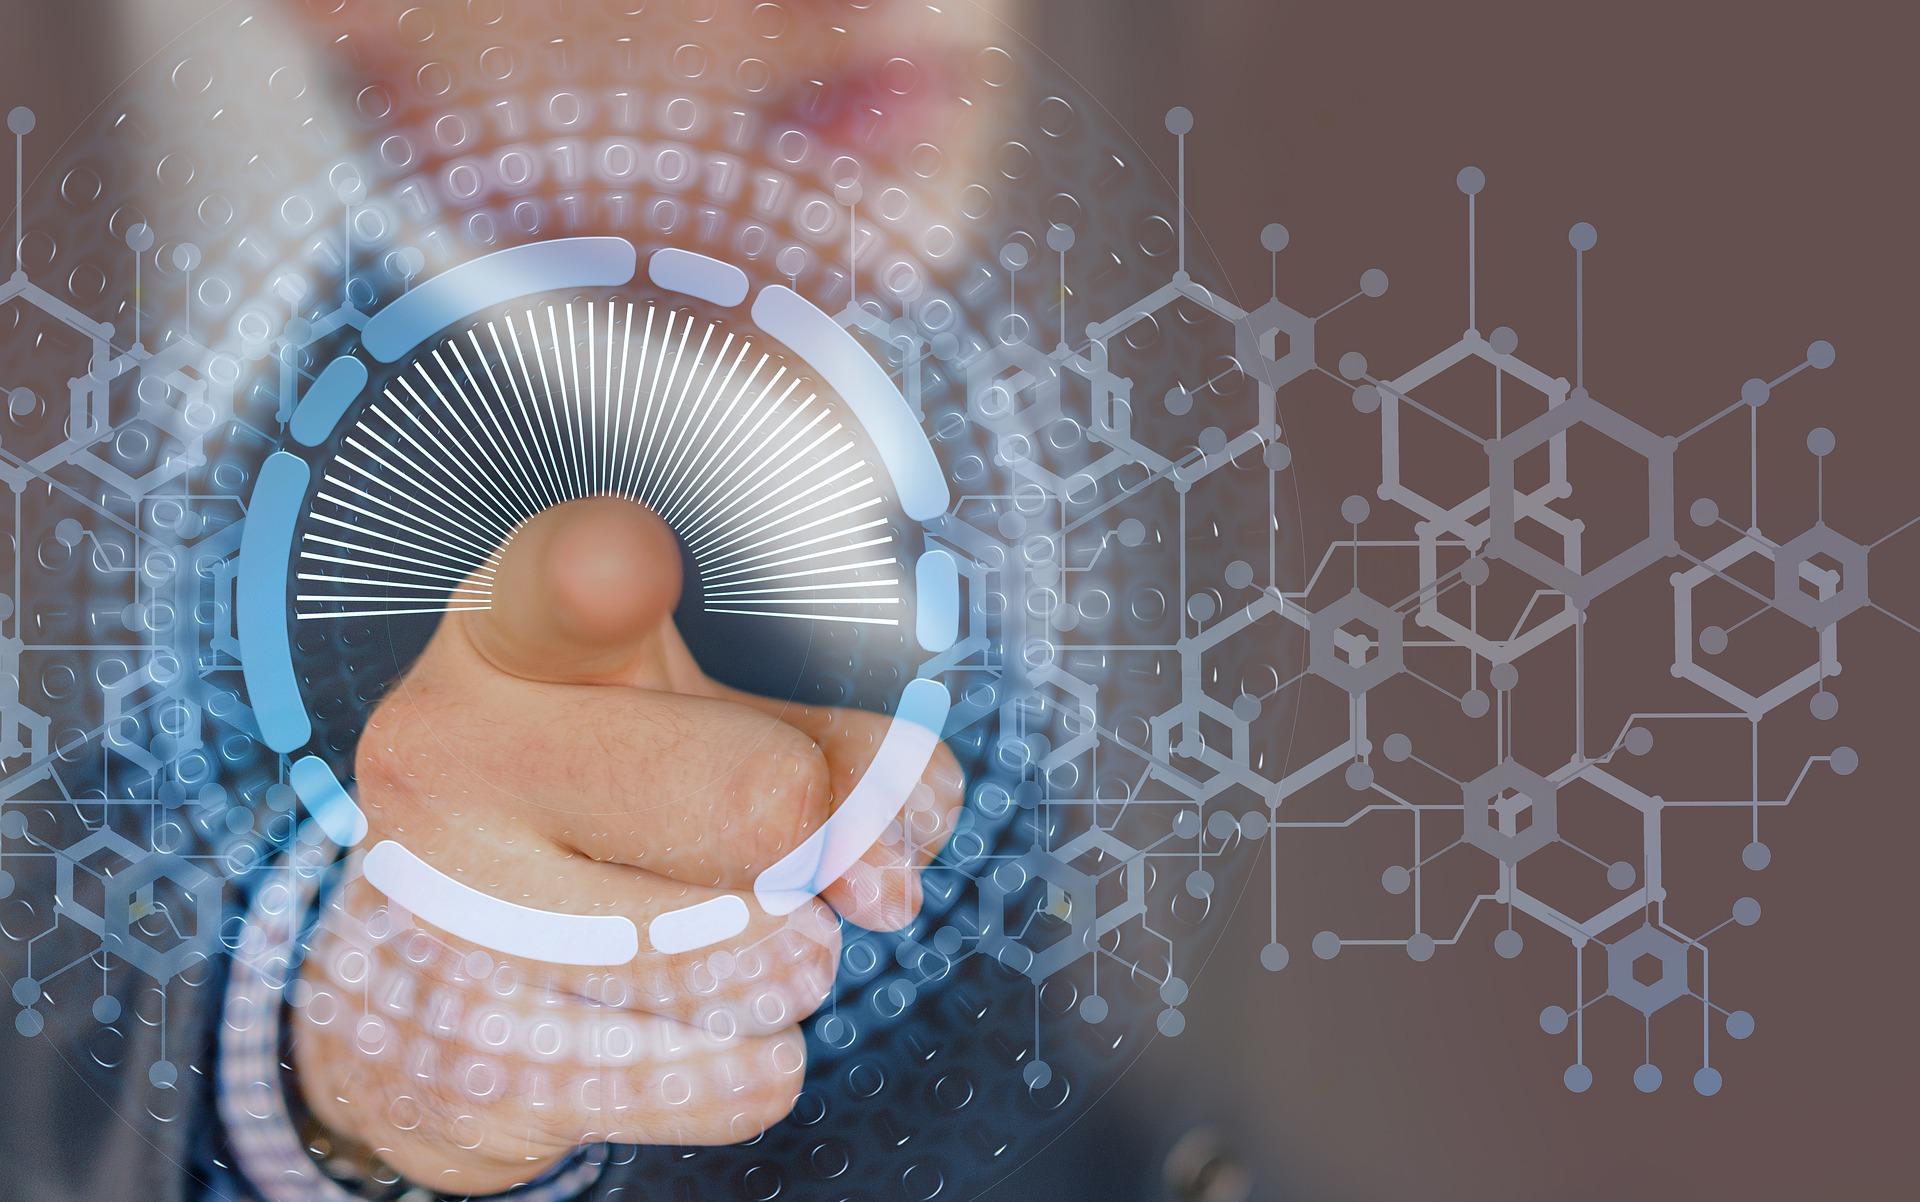 La reinvención digital en los negocios: MIT Sloan